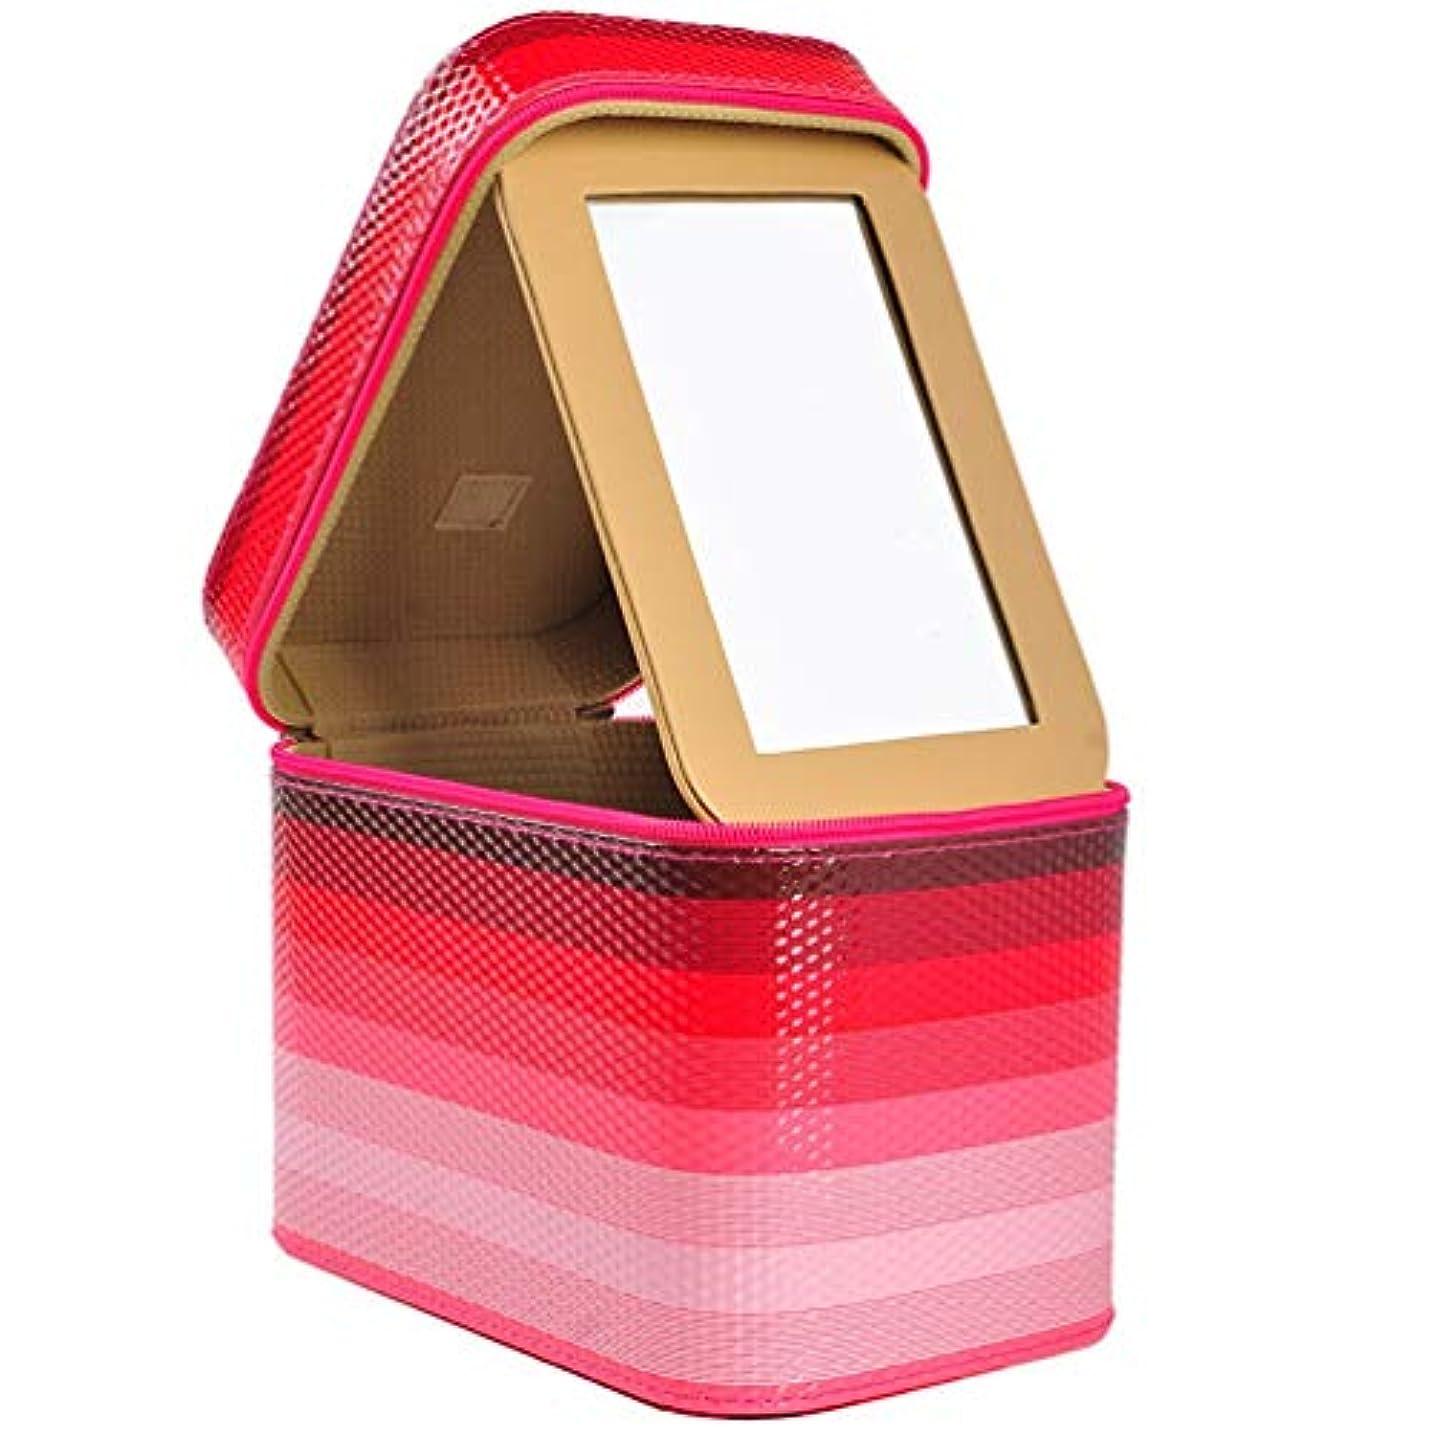 誕生日暖かさ他のバンドで[カタク]メイクボックス コスメボックス 大容量 鏡付き 化粧ボックス おしゃれ 取っ手付 携帯便利 化粧道具 メイクブラシ 小物 出張 旅行 機能的 PUレザー プロ仕様 きらきら 化粧ポーチ コスメBOX